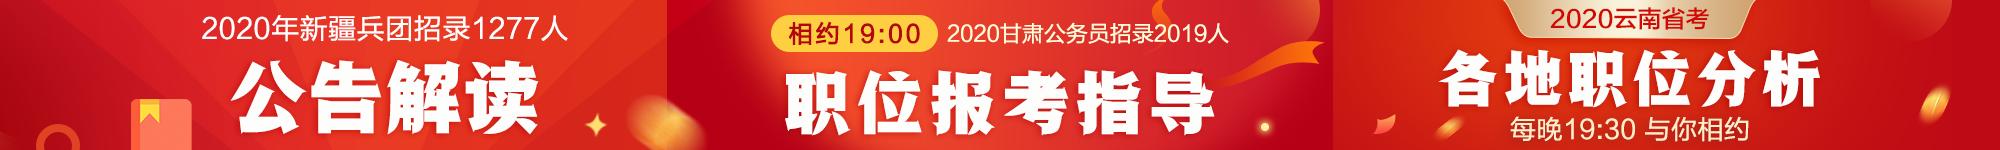 2020海南省考报考指导_甘肃省考公告解读峰会_2020云南公务员考试